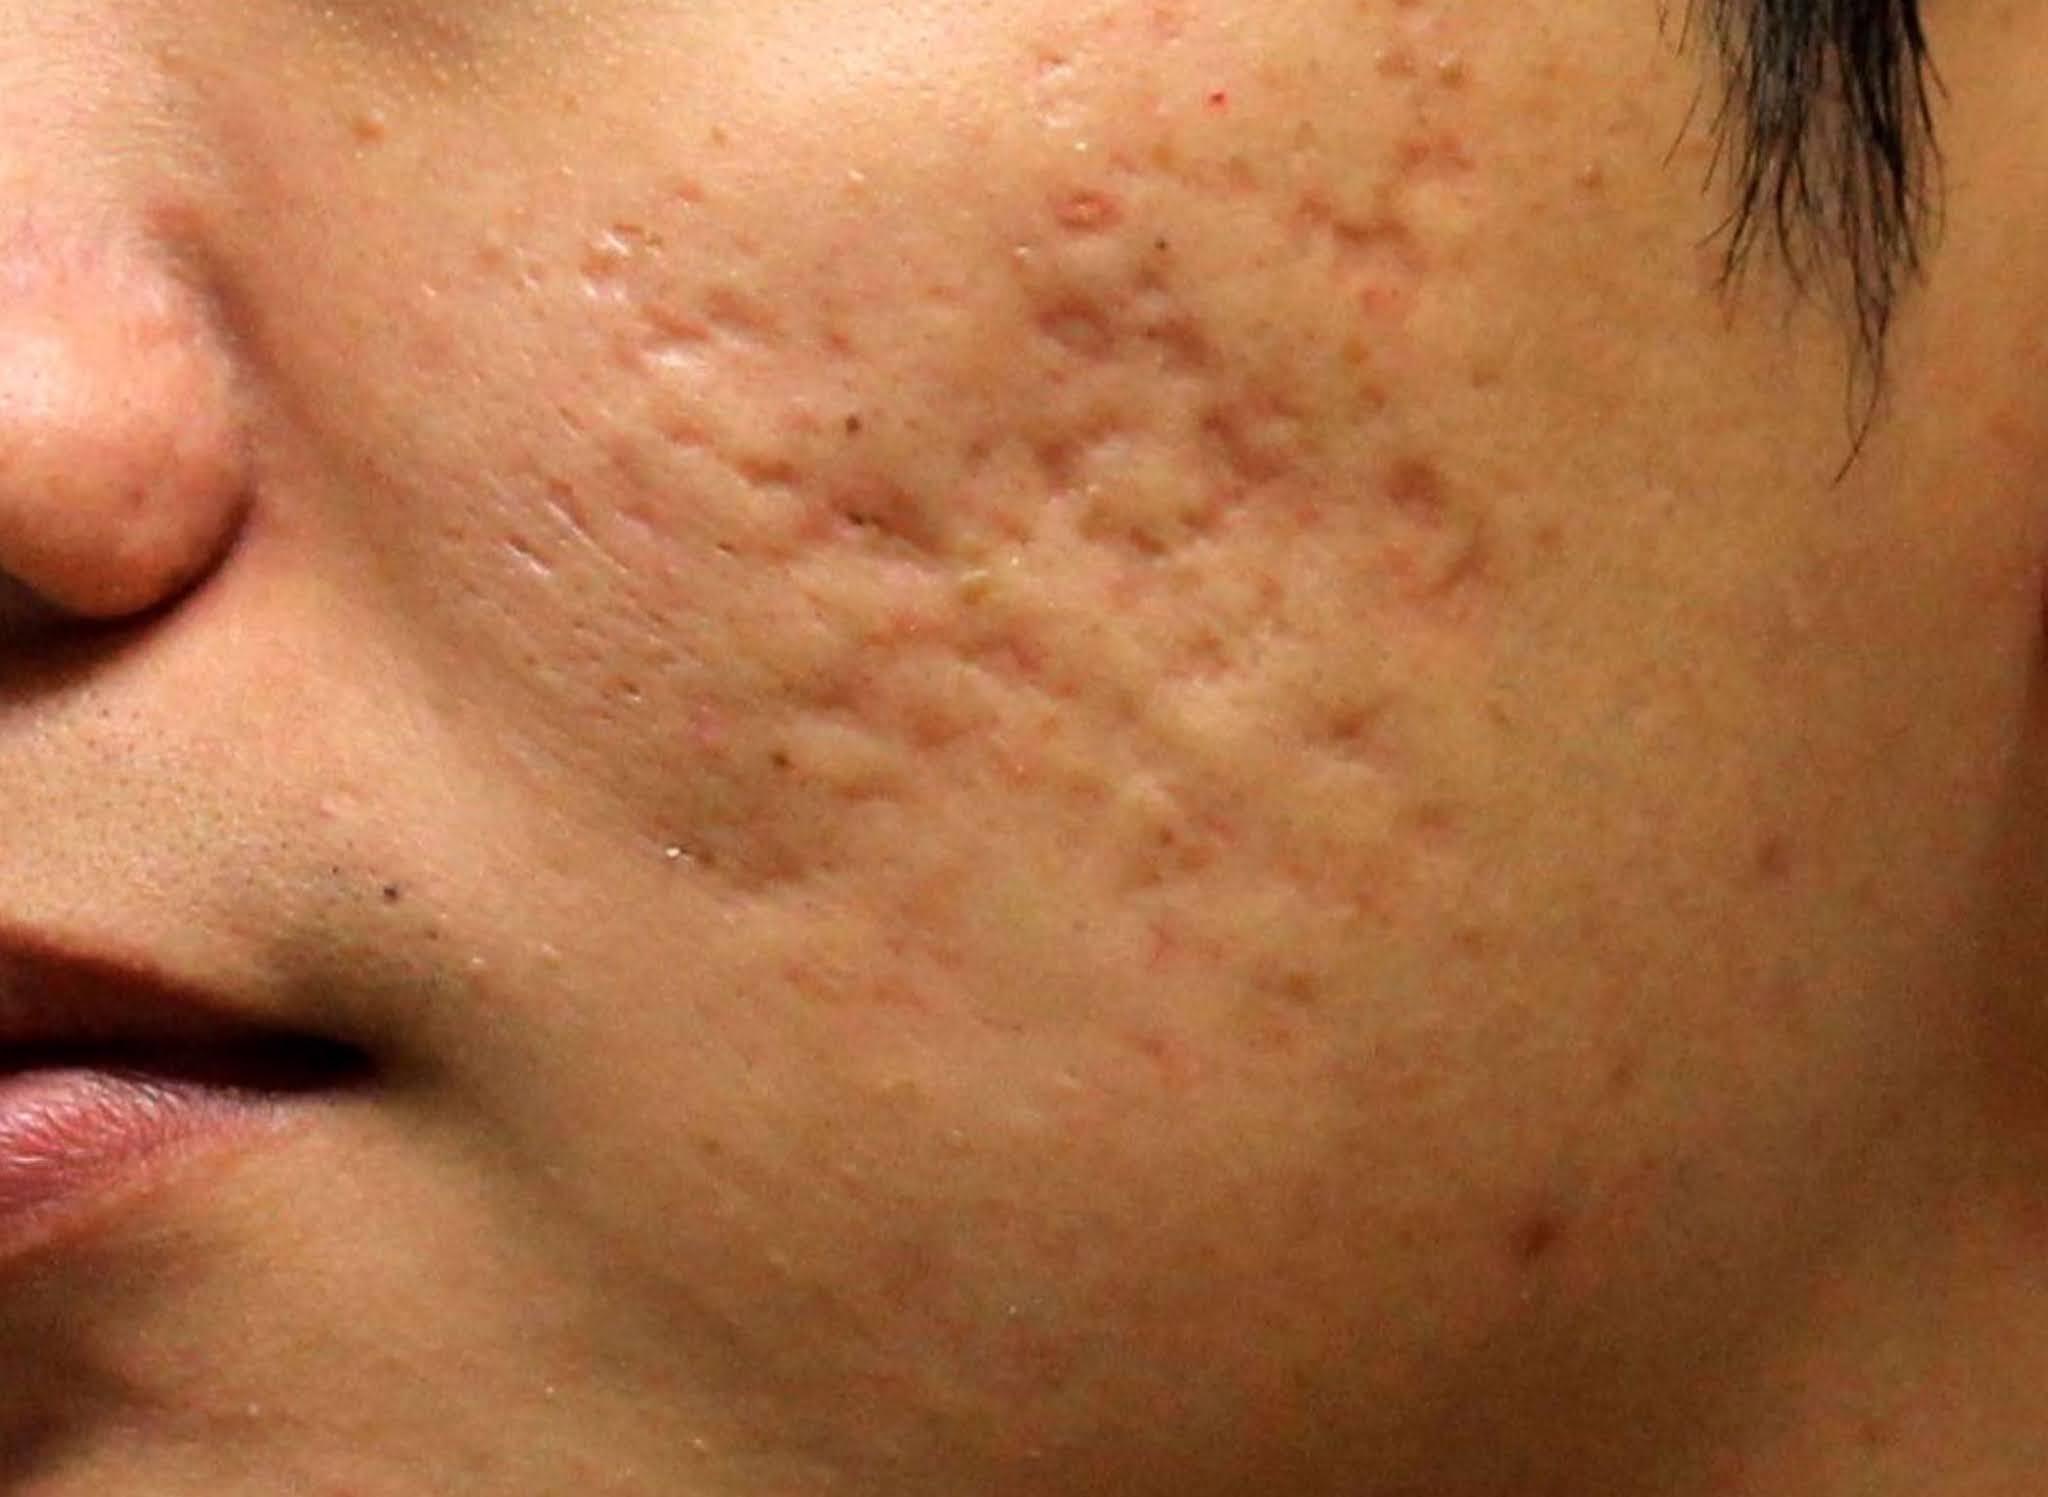 Đây là kết quả của việc nặn mụn không đúng cách, những vết sẹo teo sẽ tốn 1 khoảng thời gian khá dài để điều tr